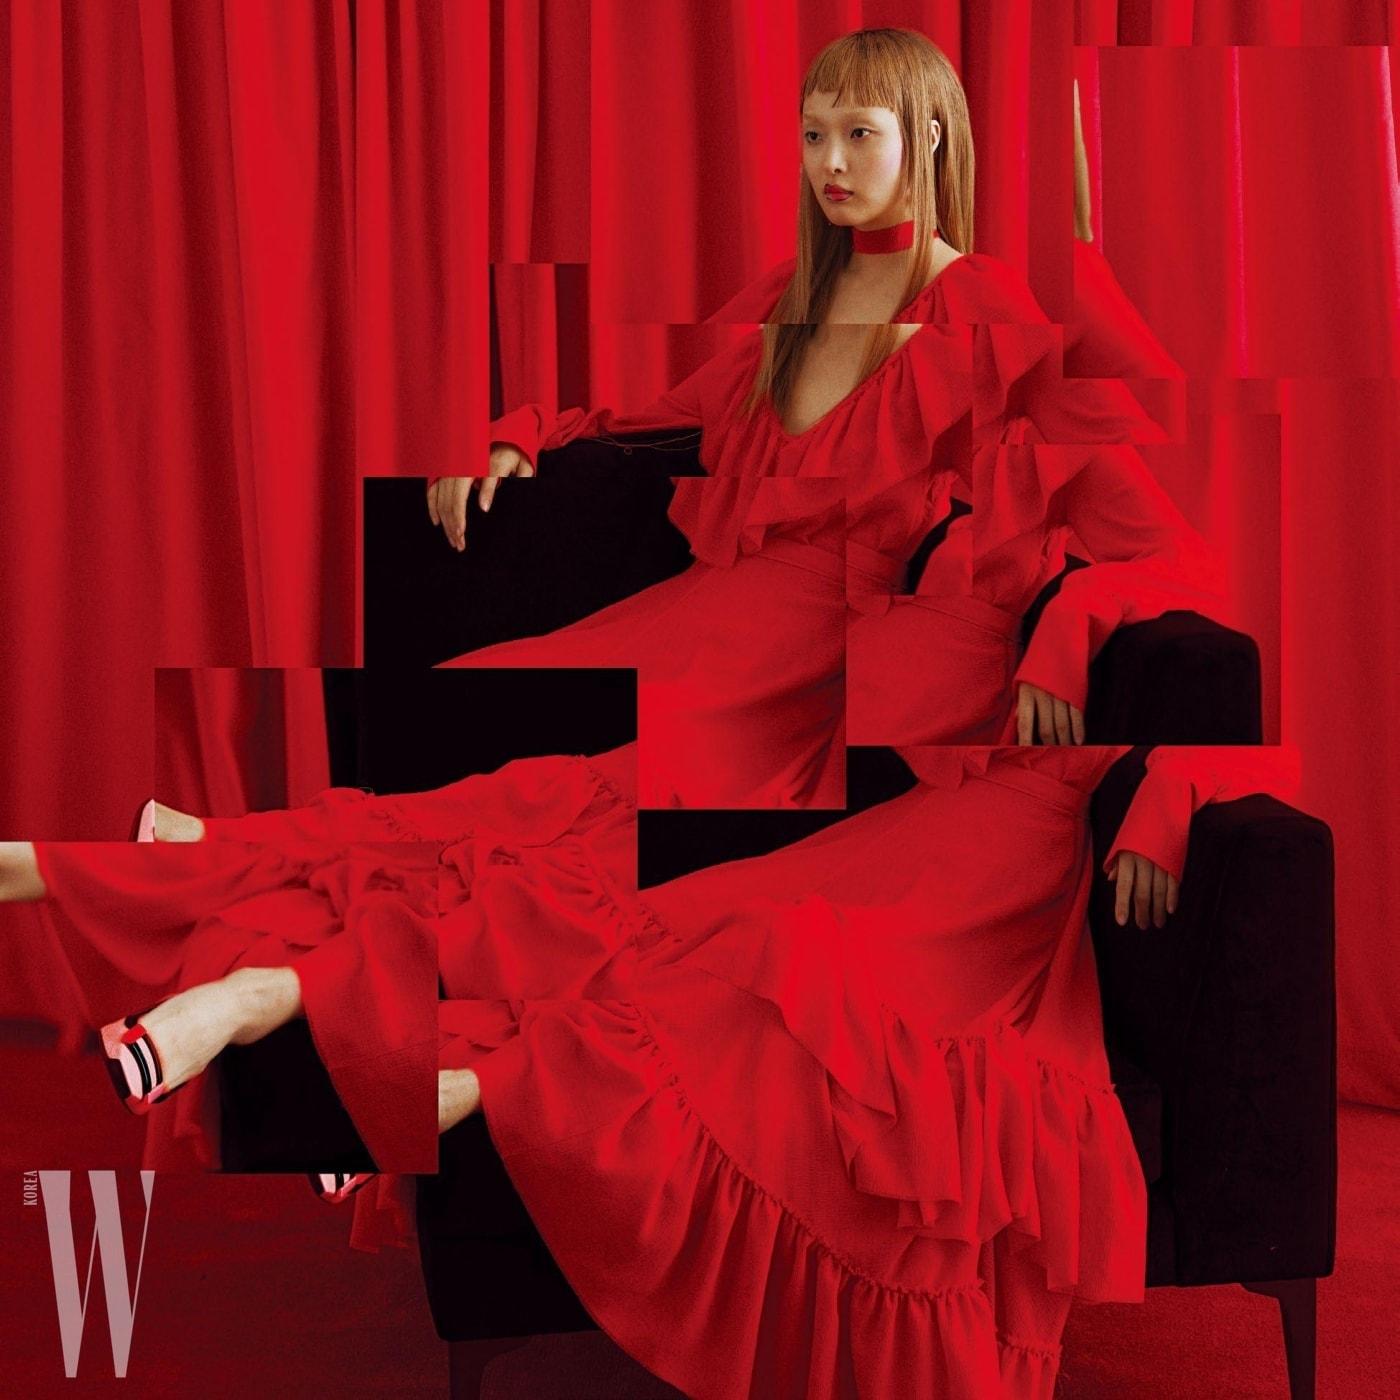 러플 드레스는 Rejina Pyo, 슈즈는 Roger Vivier 제품.